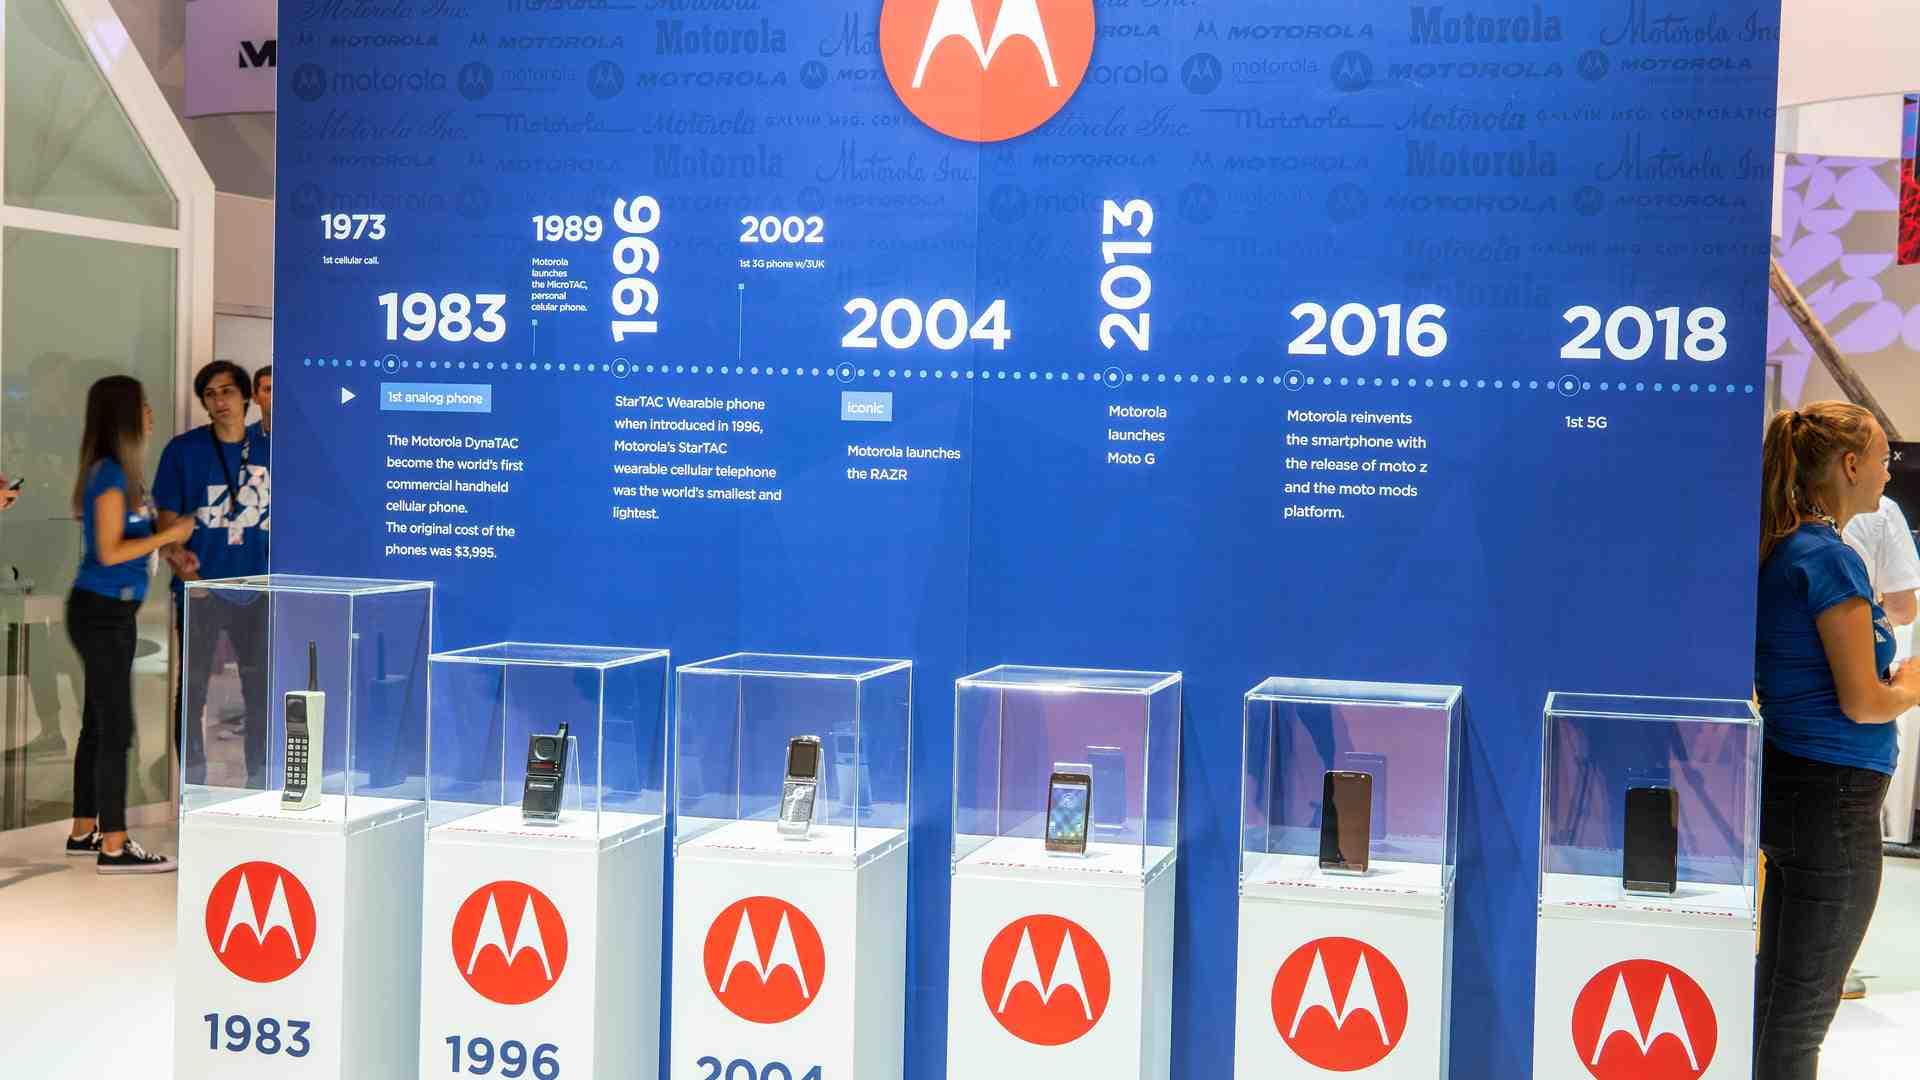 Imagem mostra celulares da motorola dispostos em ordem cronológica